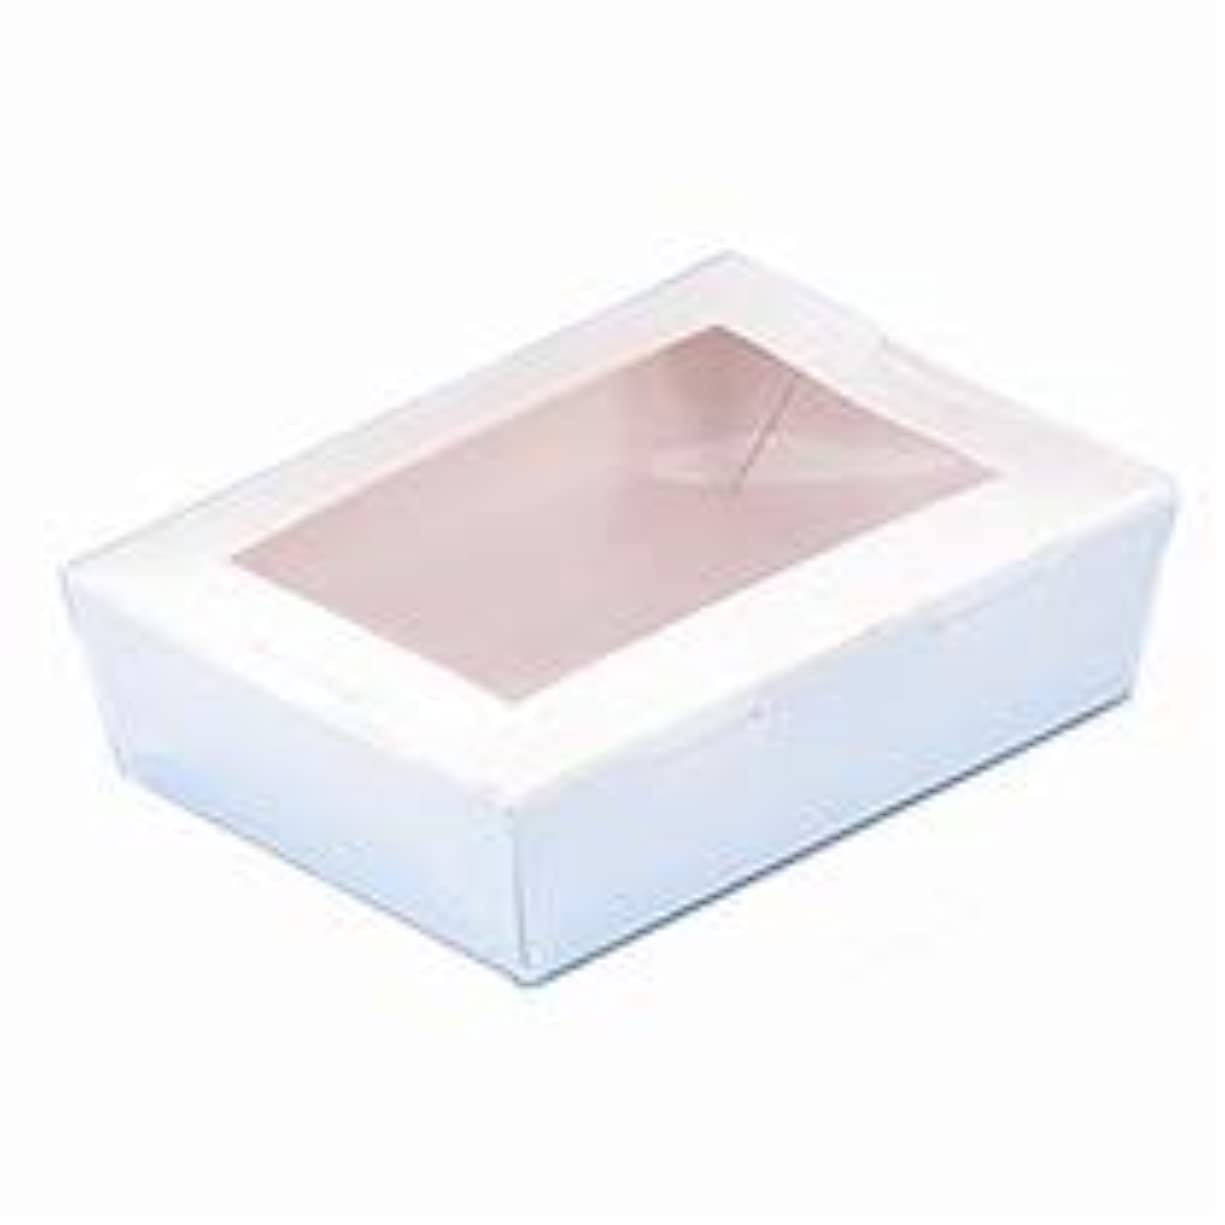 手作り石けん用 窓付きペーパーモールド XSサイズ ホワイト 1個